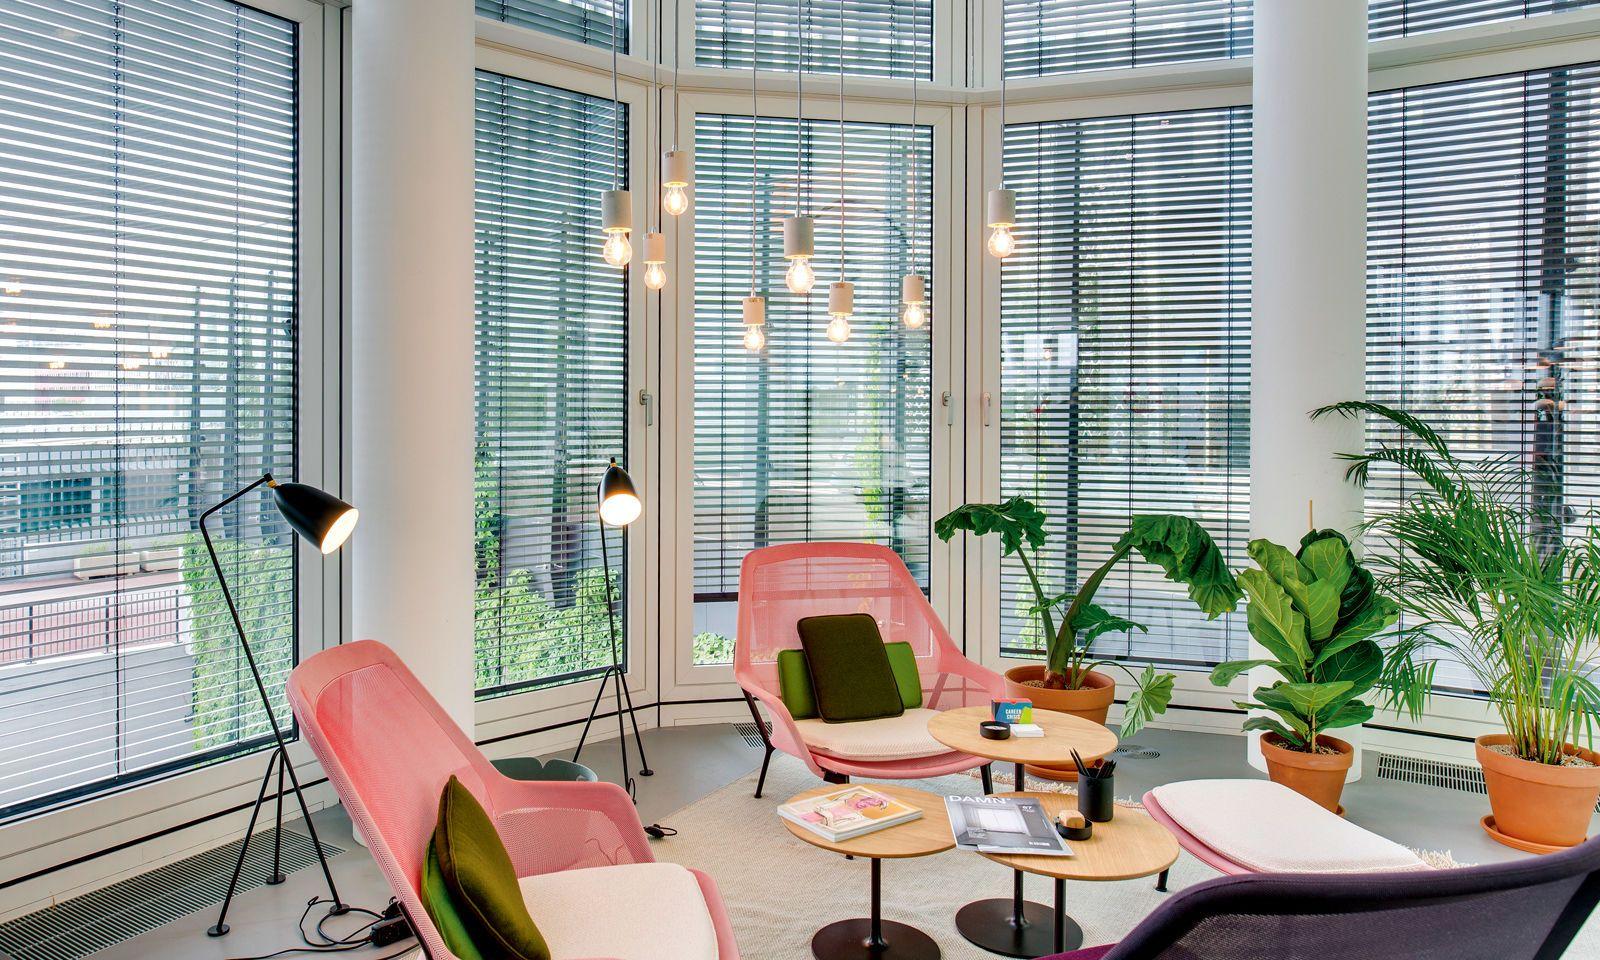 Lichtdesign als Stimmungselement: Jedem Raum die passende Athmosphäre (hier im Spaces Vienna Orbitower).